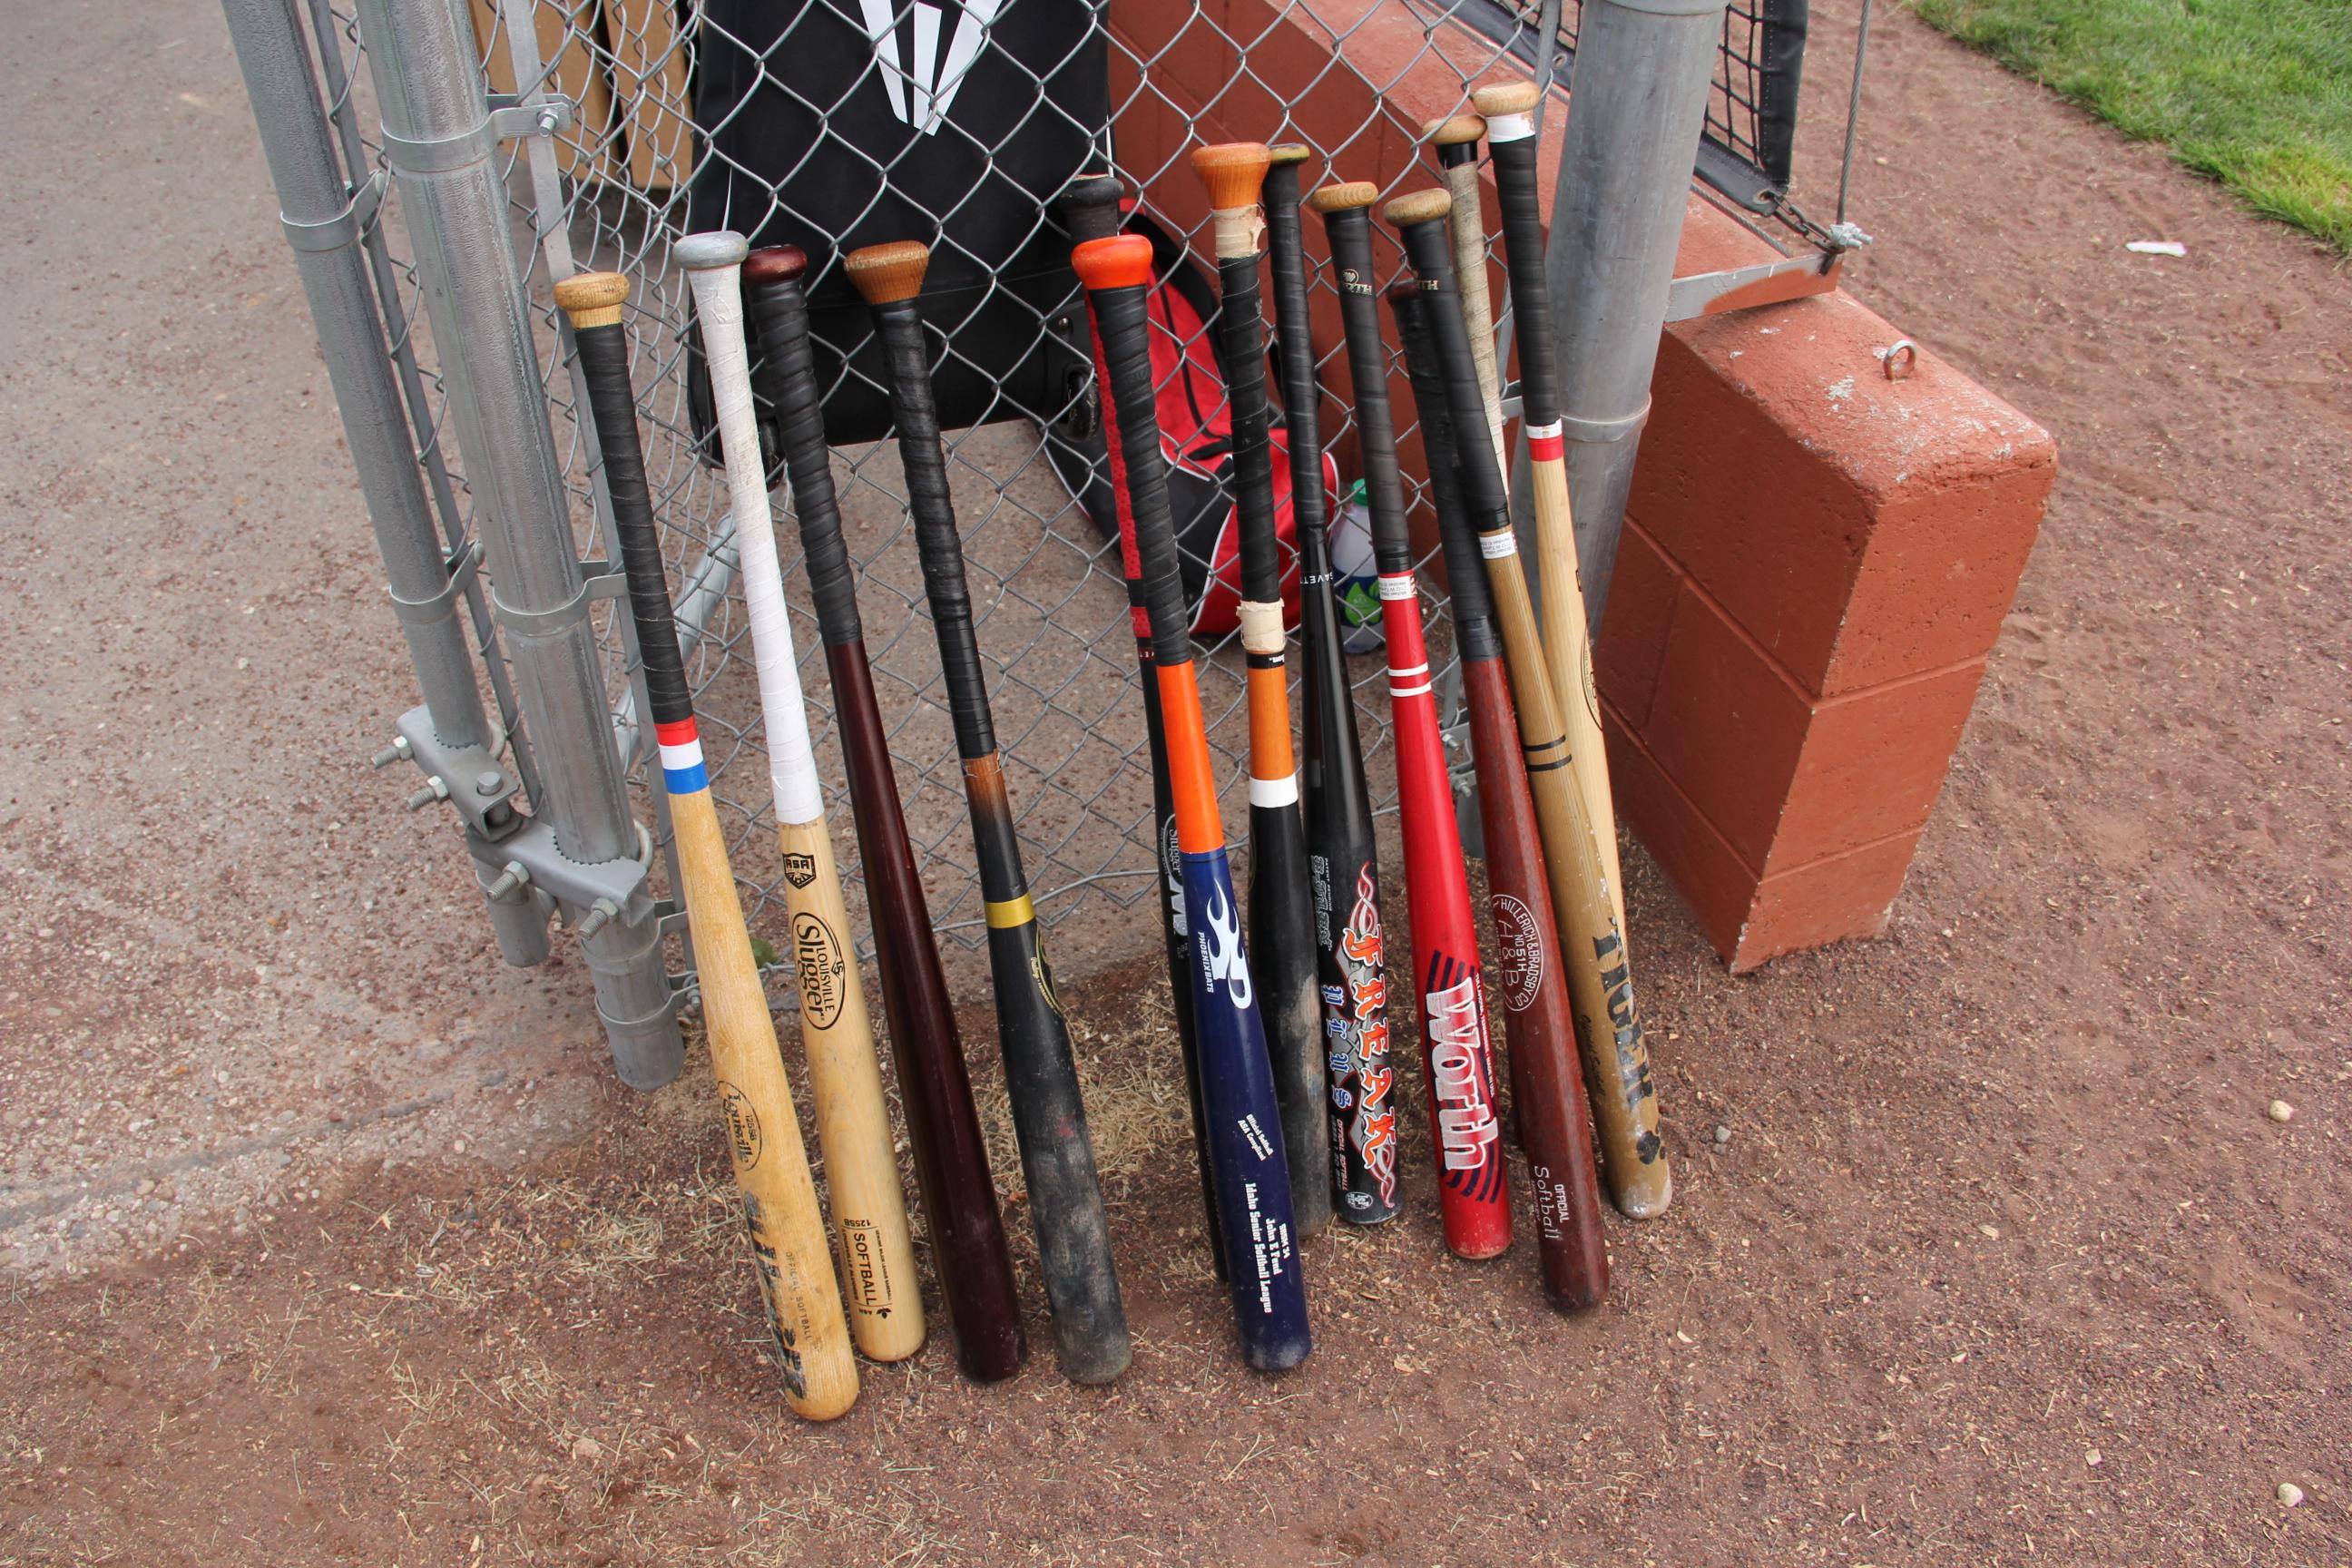 The wood bats